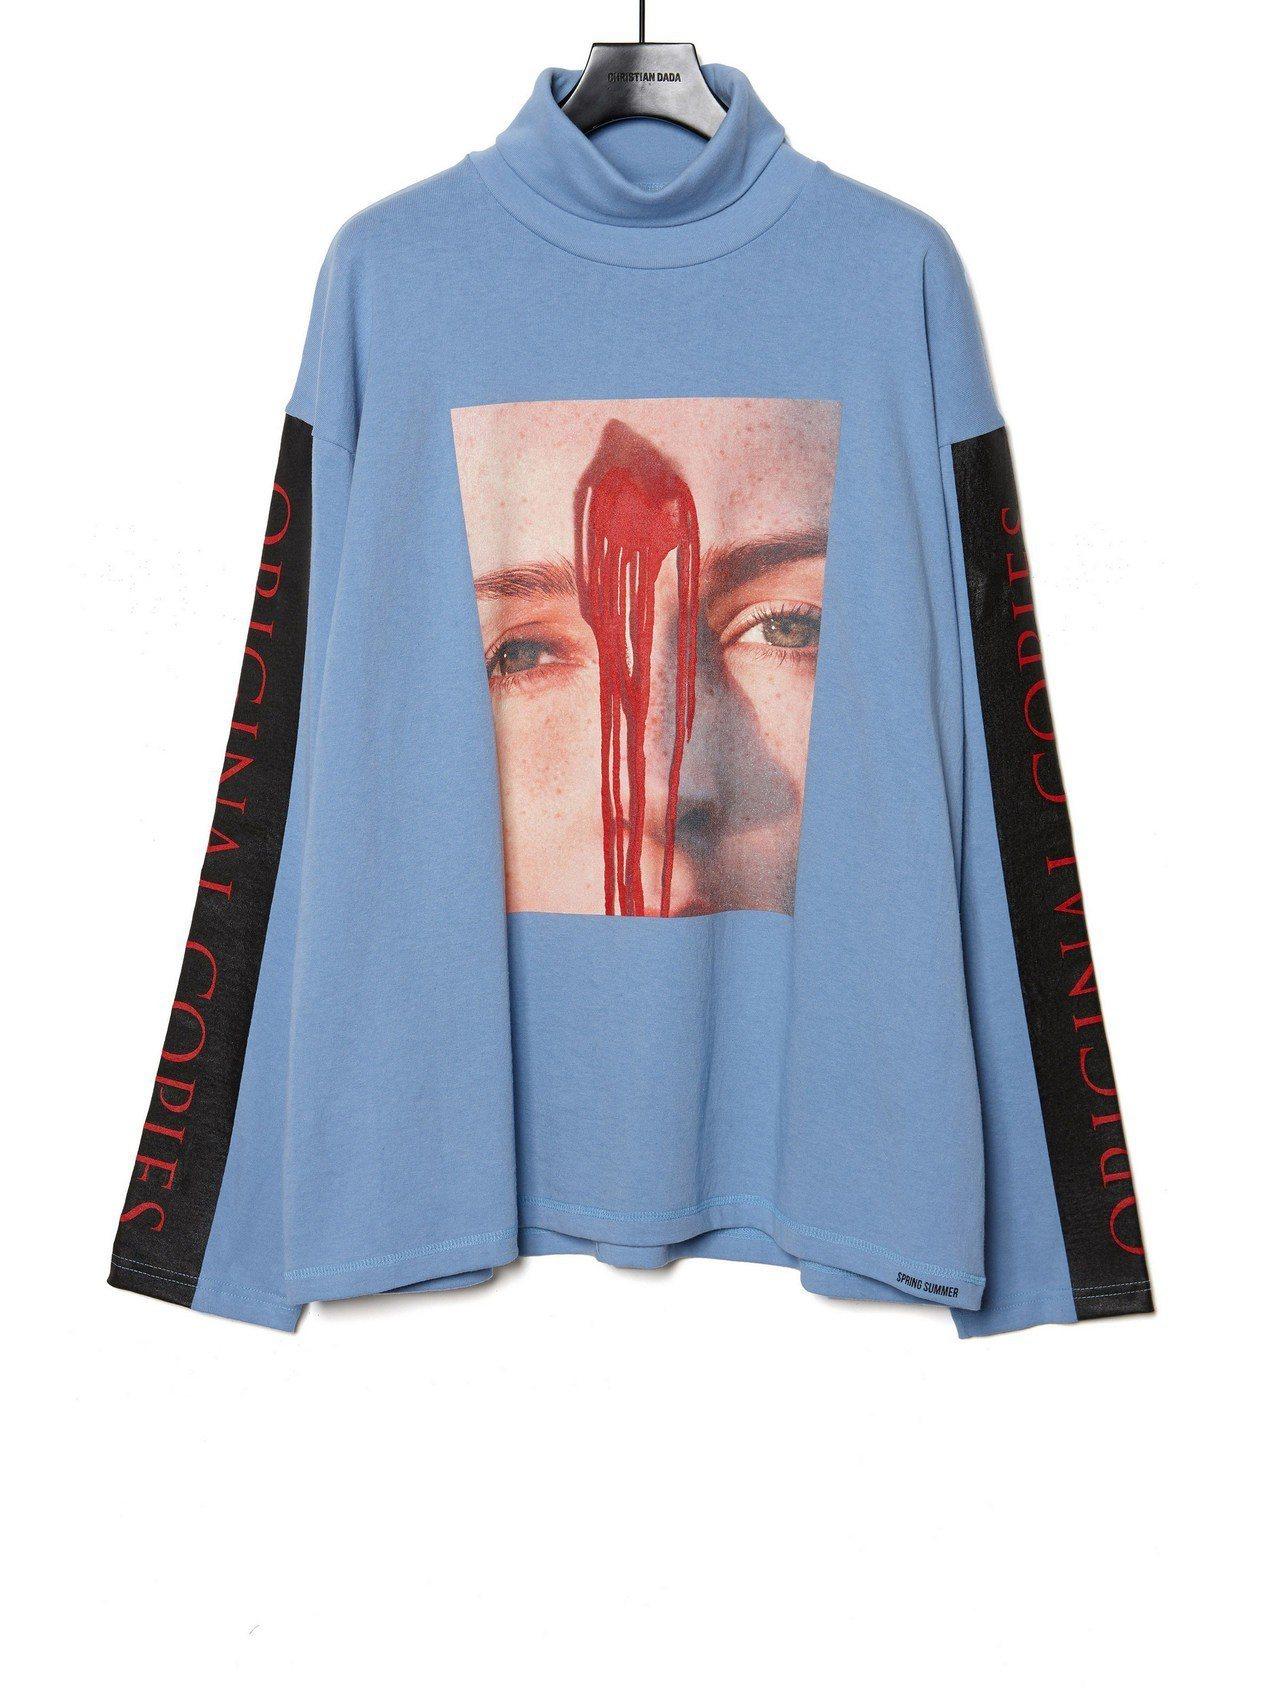 Christian Dada藍色高領圖案上衣,約9,400元。圖/Christi...